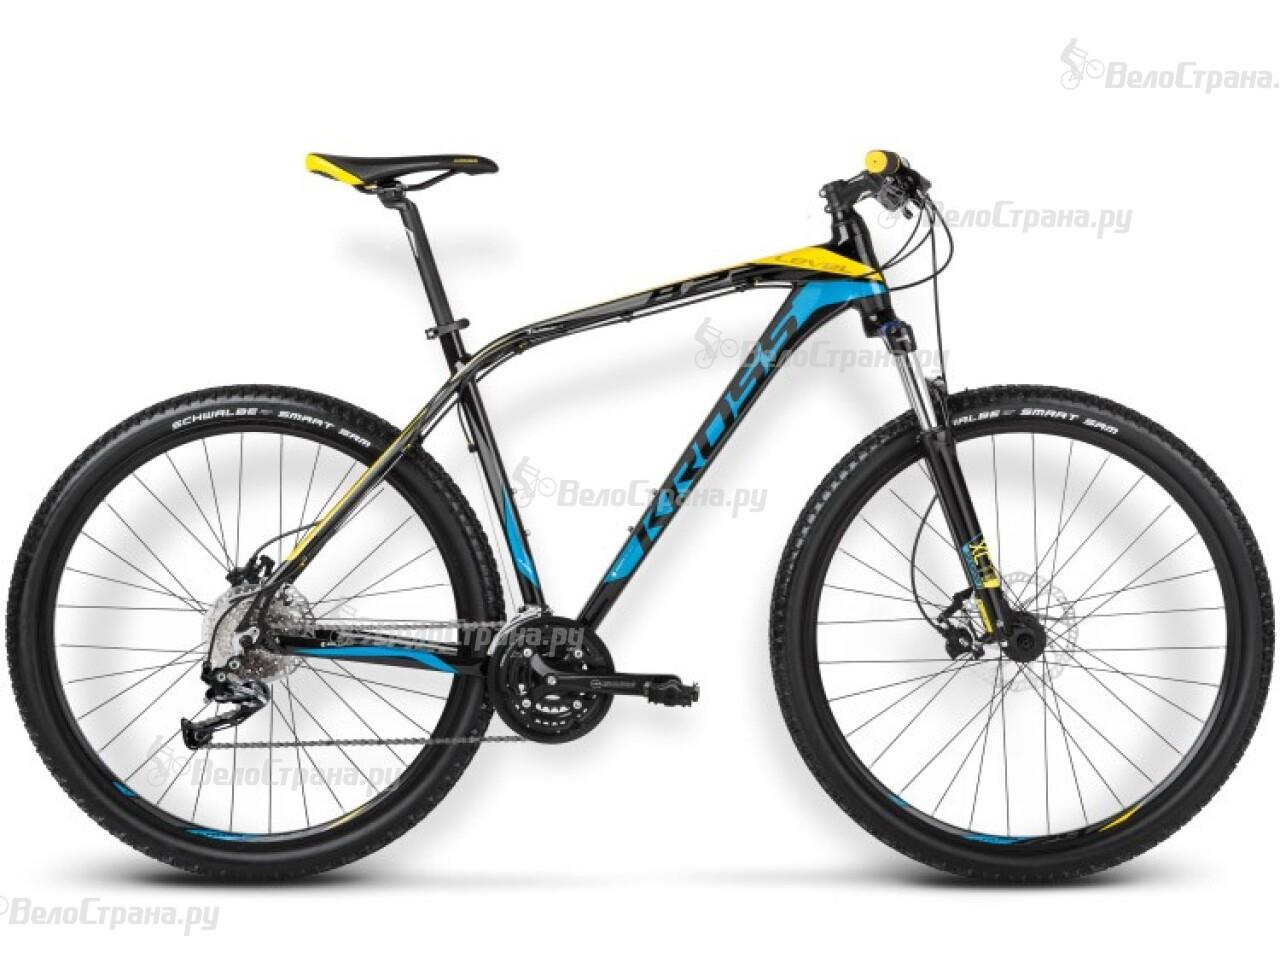 Велосипед Kross LEVEL B2 (2015) велосипед kross level b8 2015